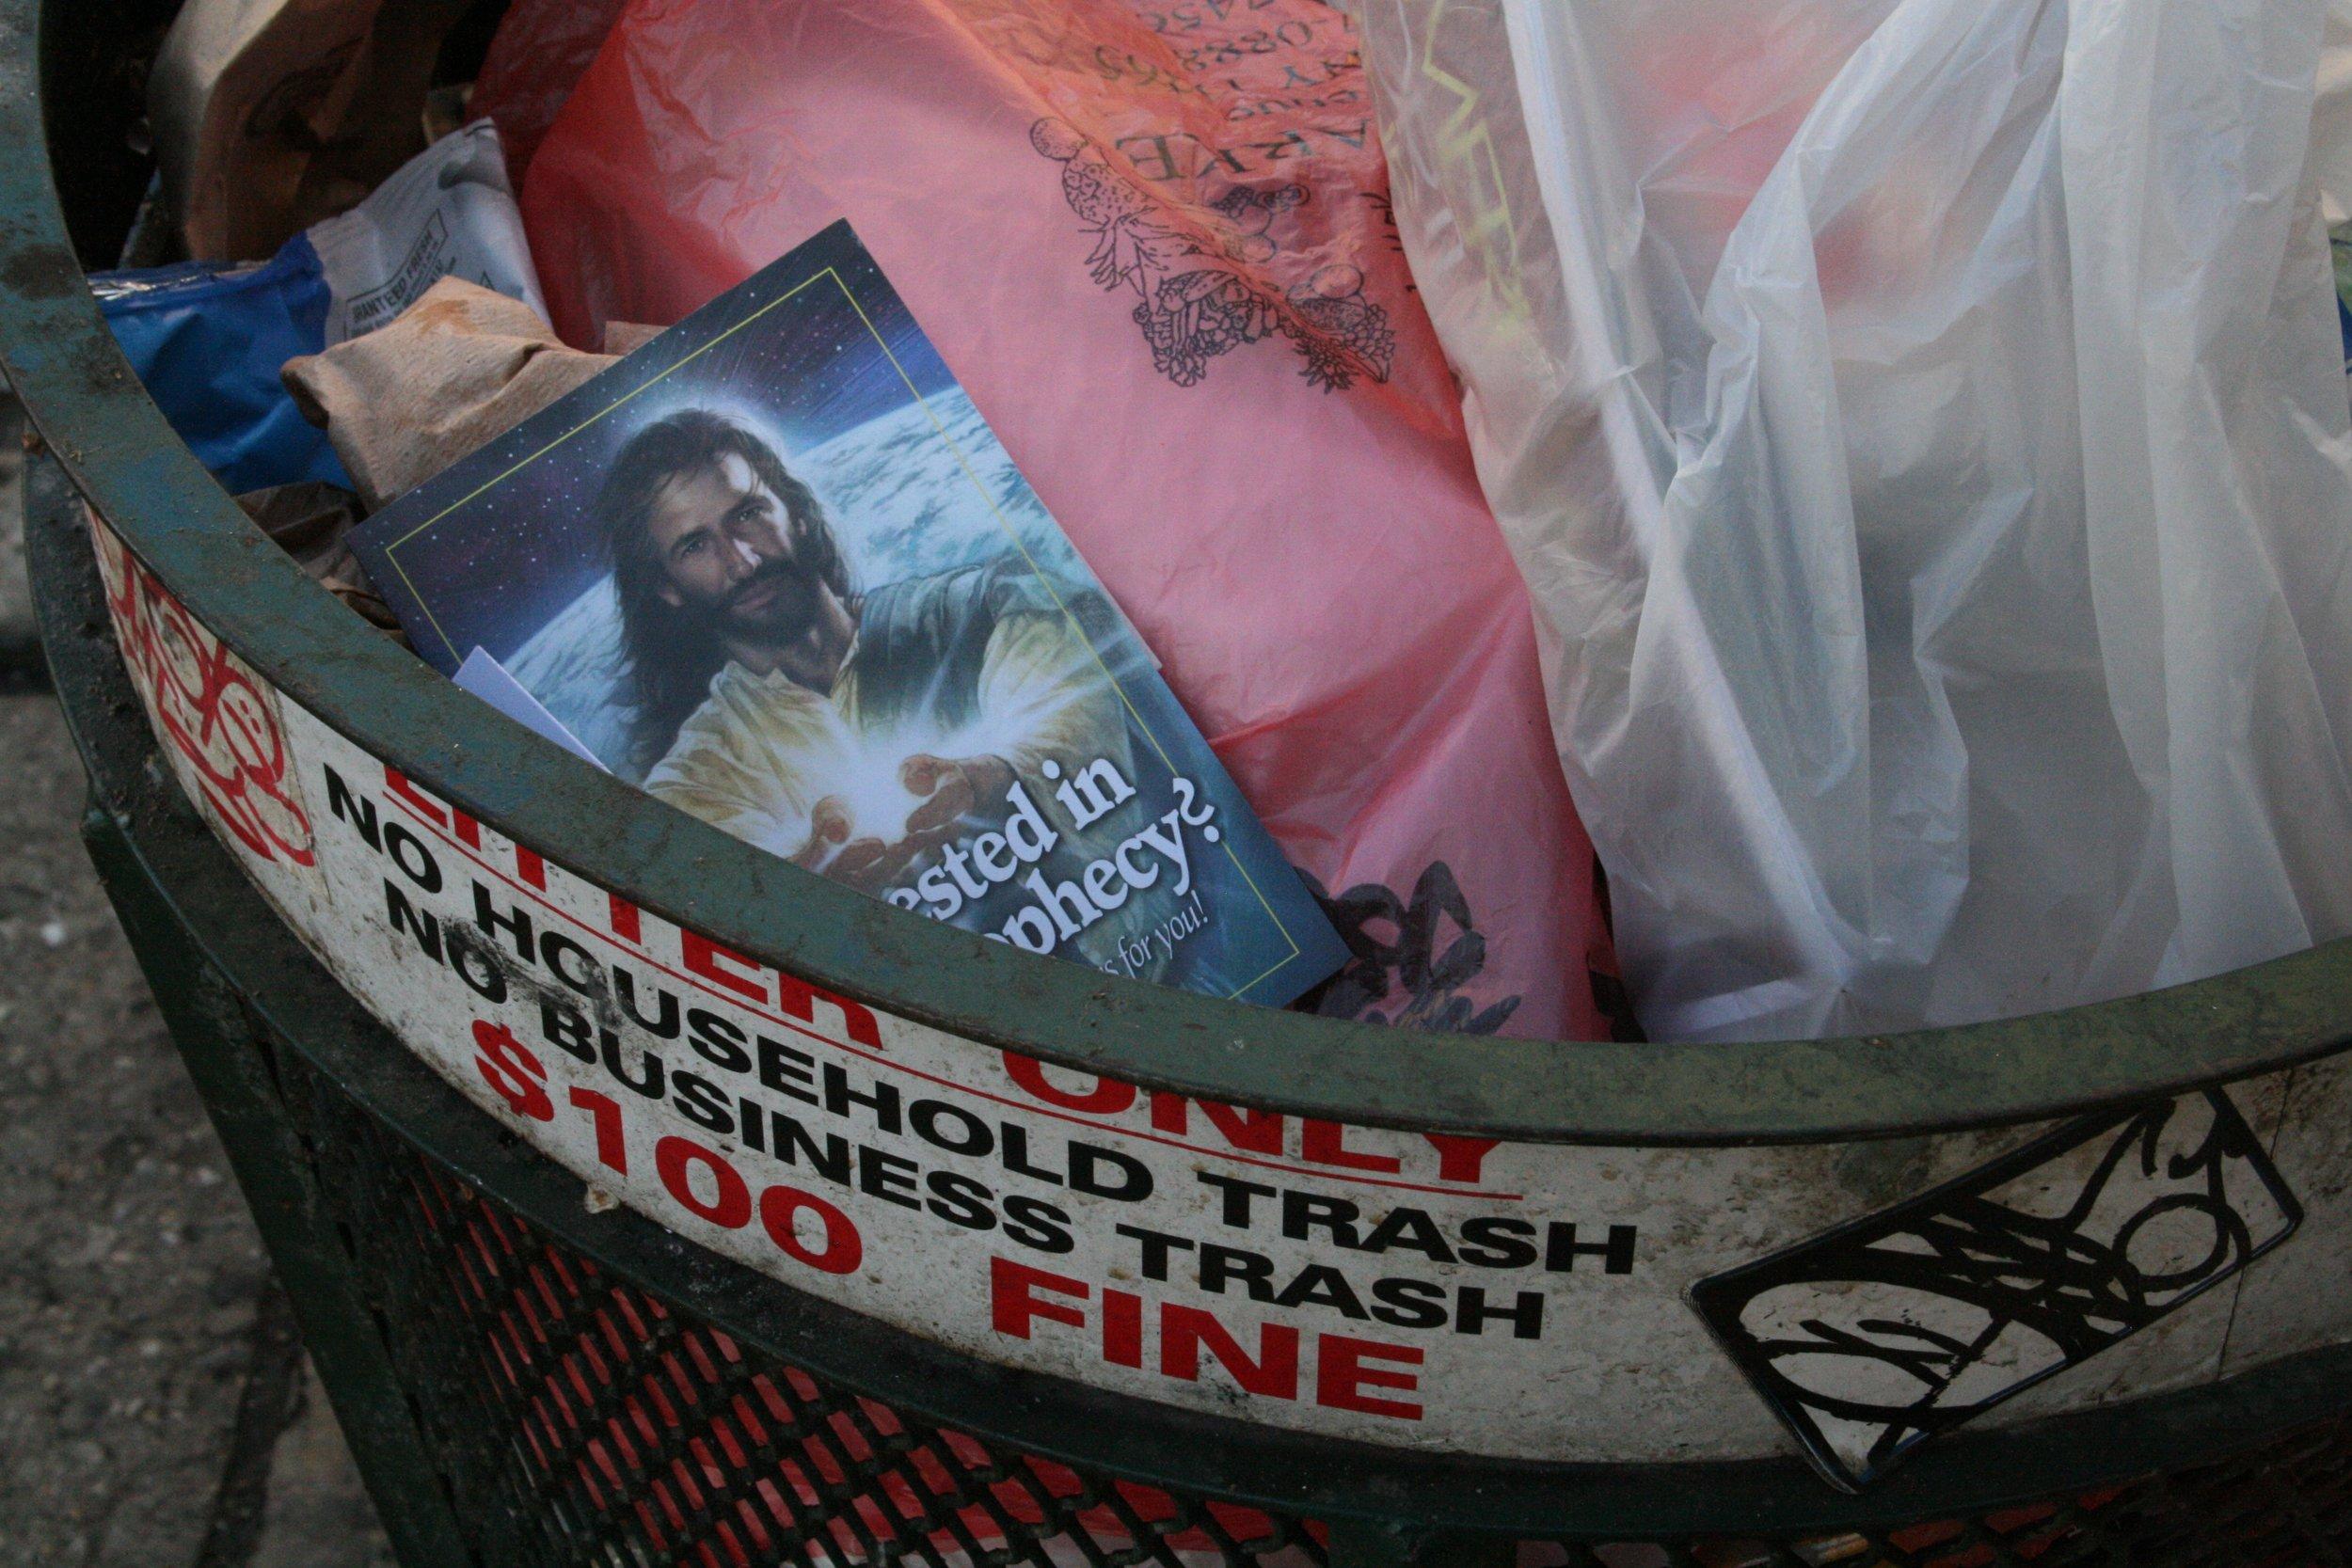 No Household Trash,  New York City, NY